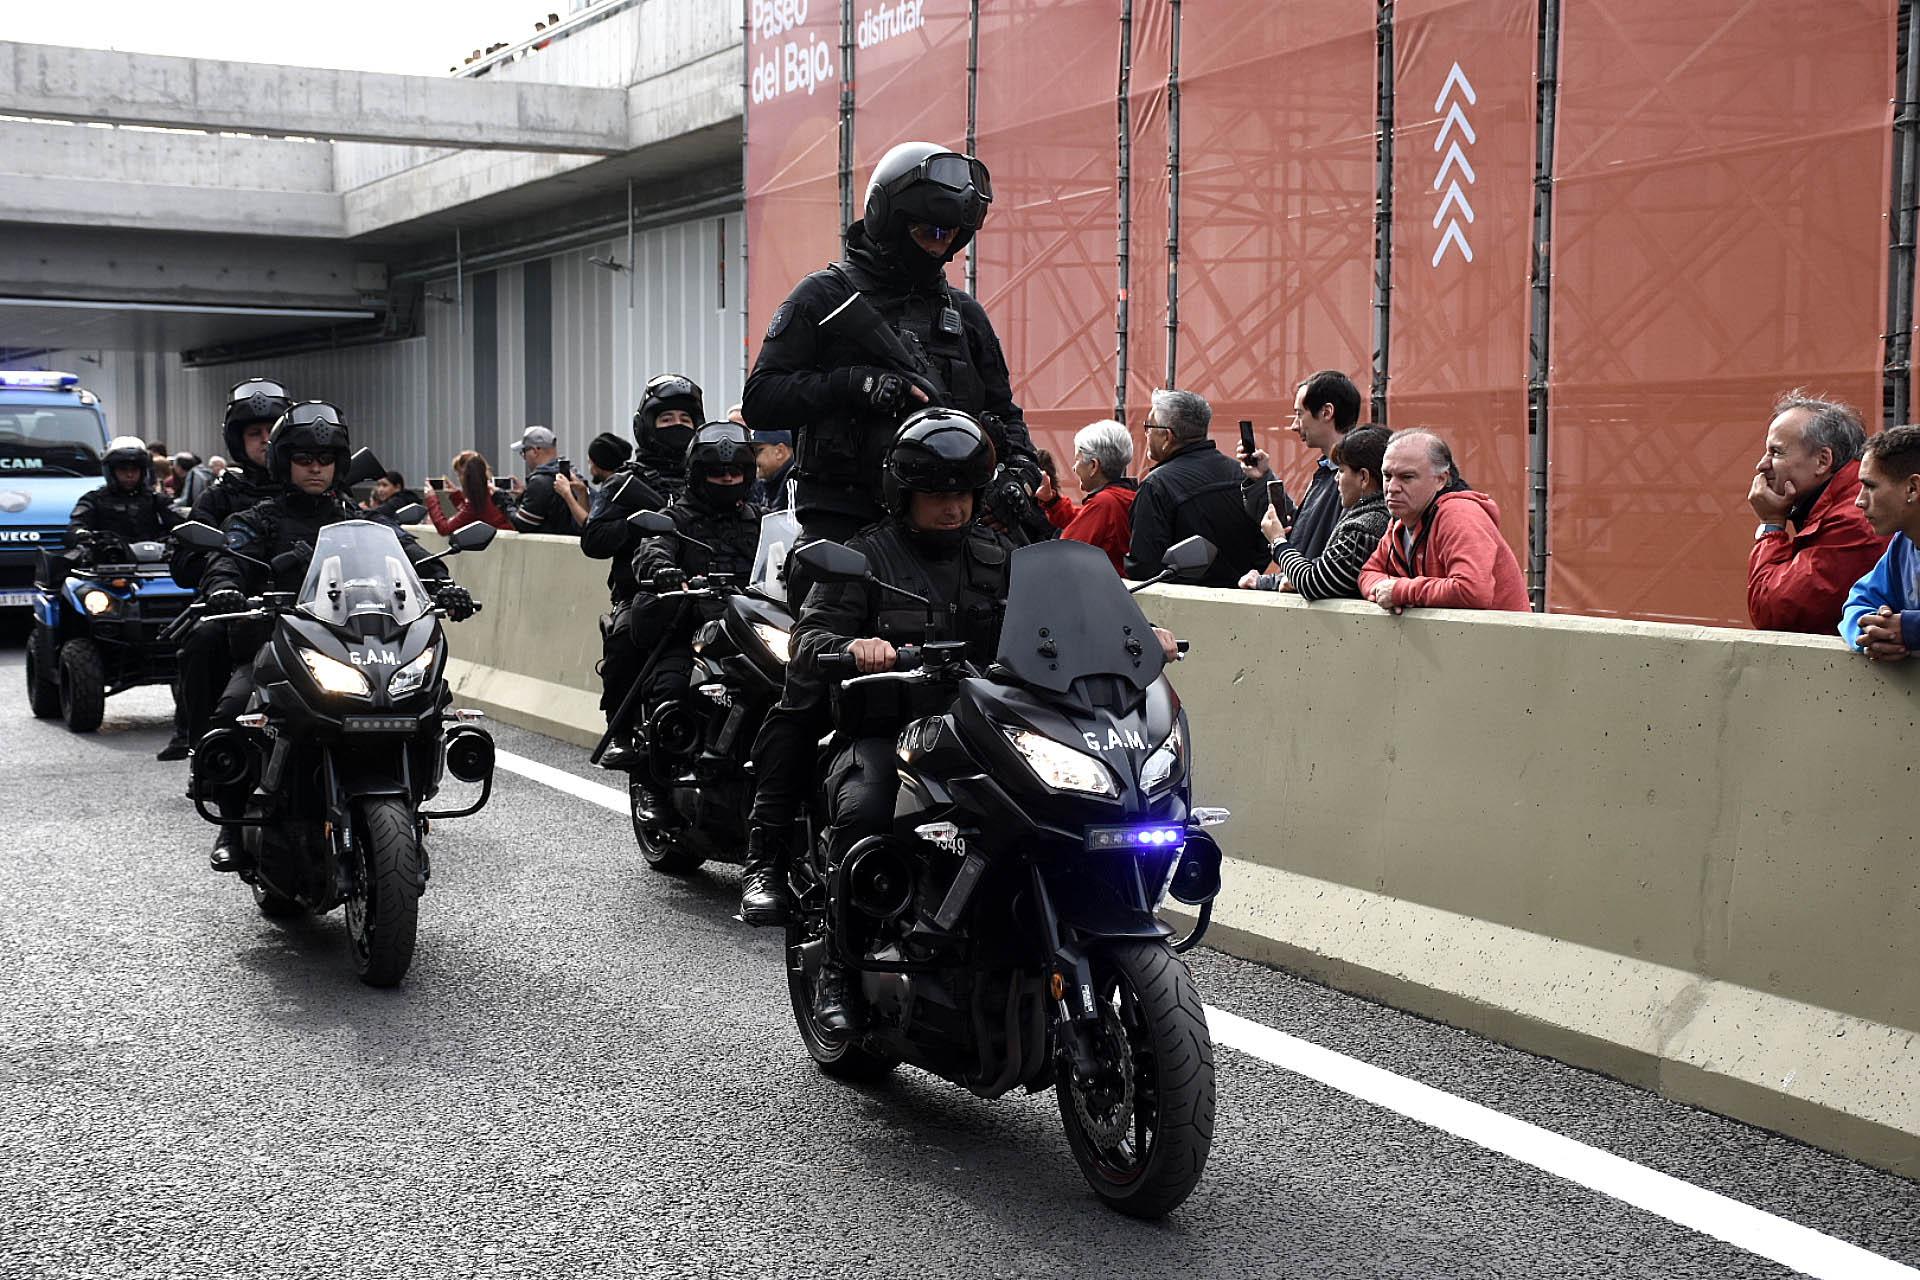 La Policía de la Ciudad no perdió la oportunidad de mostrar también sus vehículos